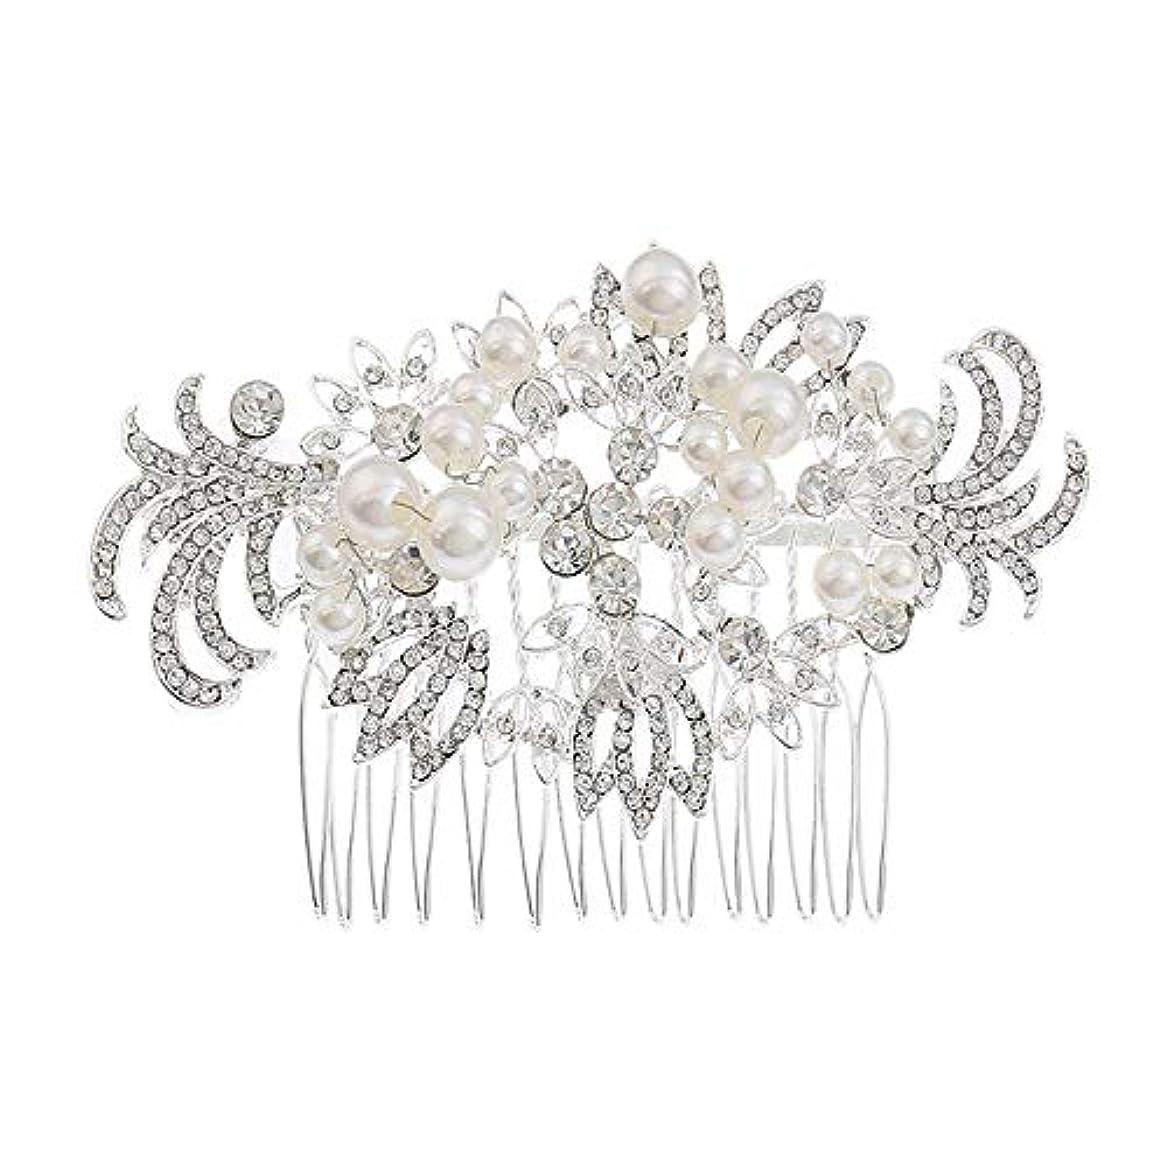 ソース習熟度ドリル髪の櫛挿入櫛花嫁の髪櫛真珠の髪の櫛ラインストーンの髪の櫛結婚式のヘアアクセサリー合金の帽子ブライダルヘッドドレス